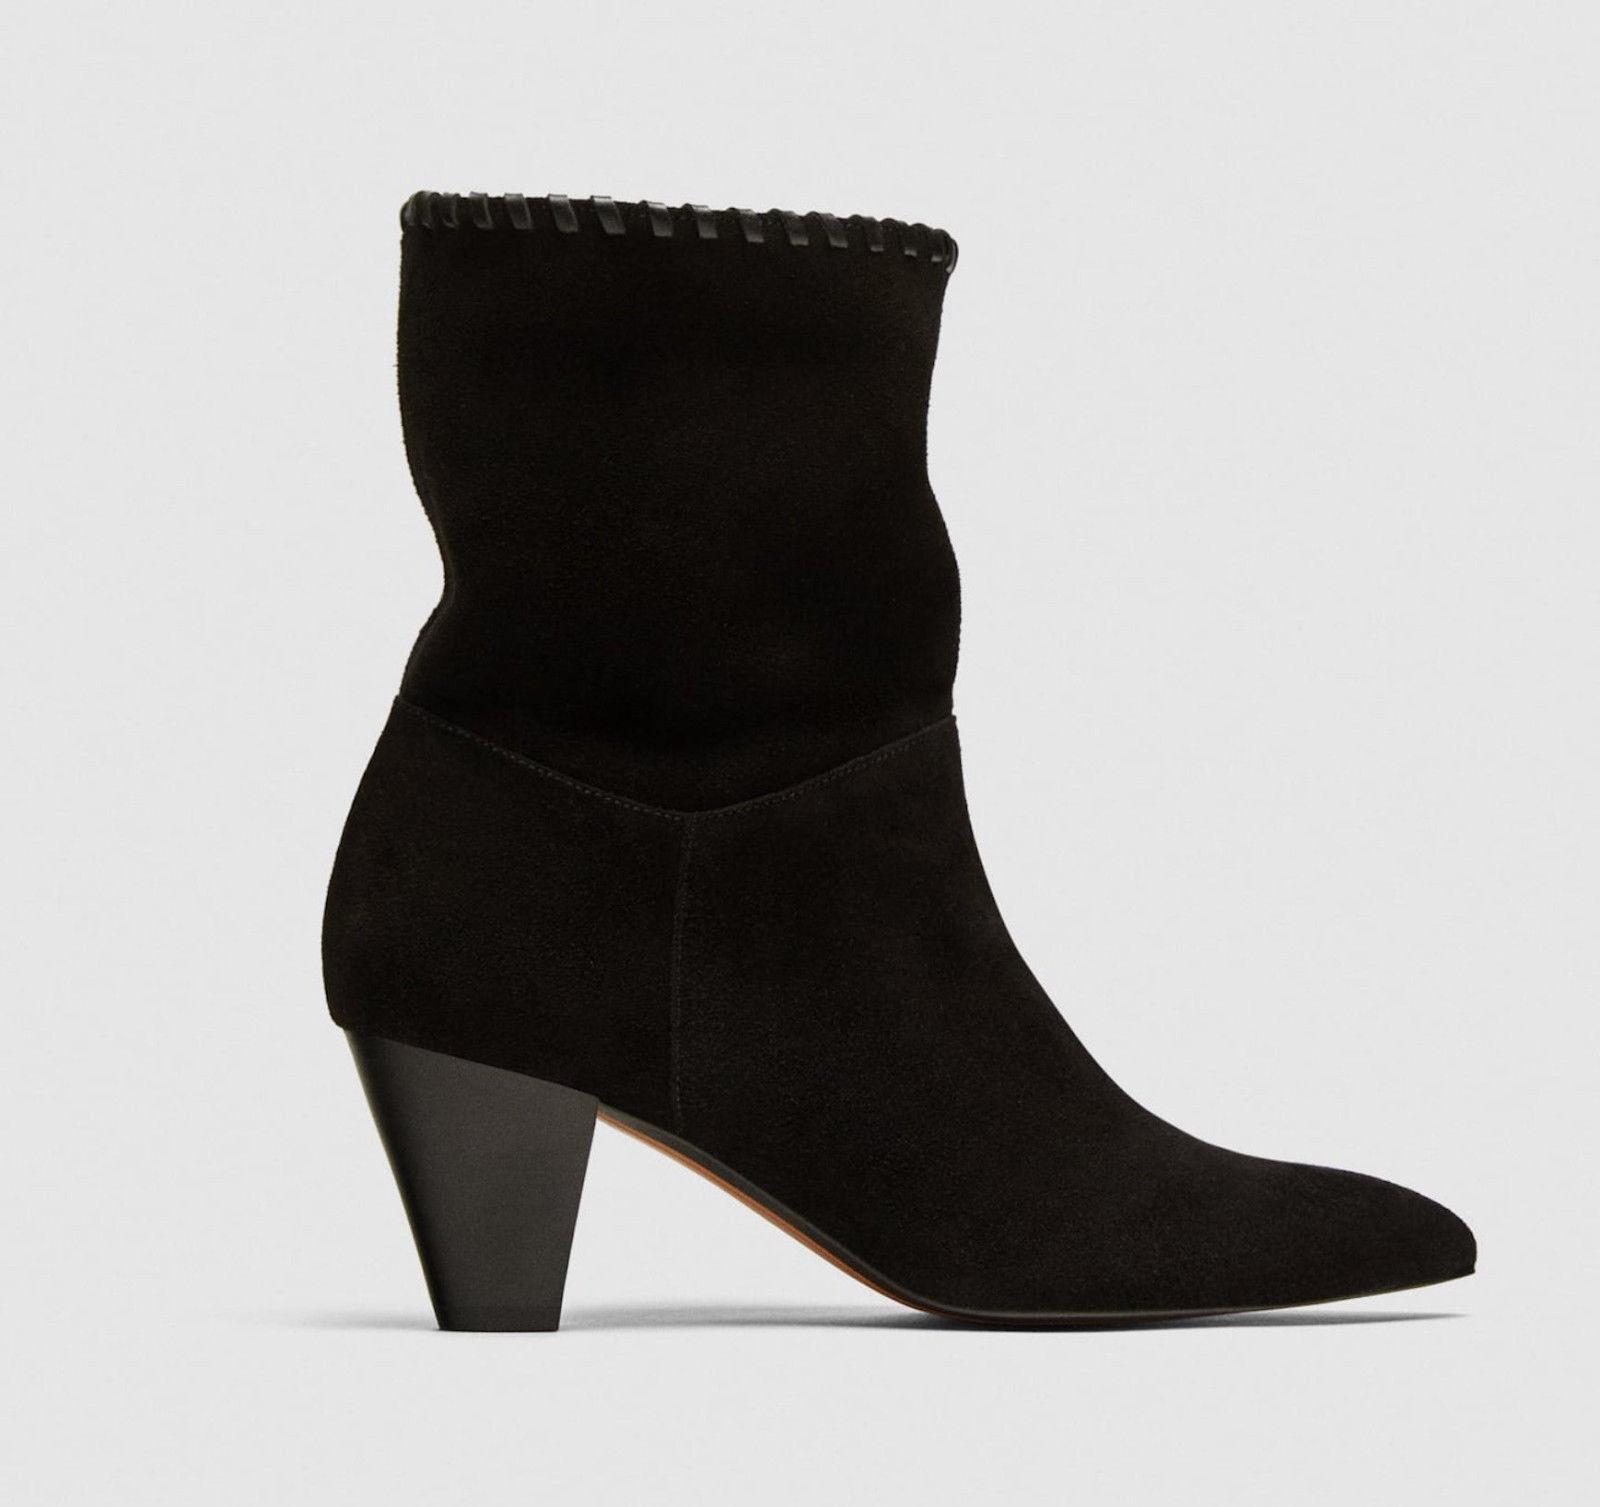 Zara Woman vaquero botín Western botines Western negro Suede Leather